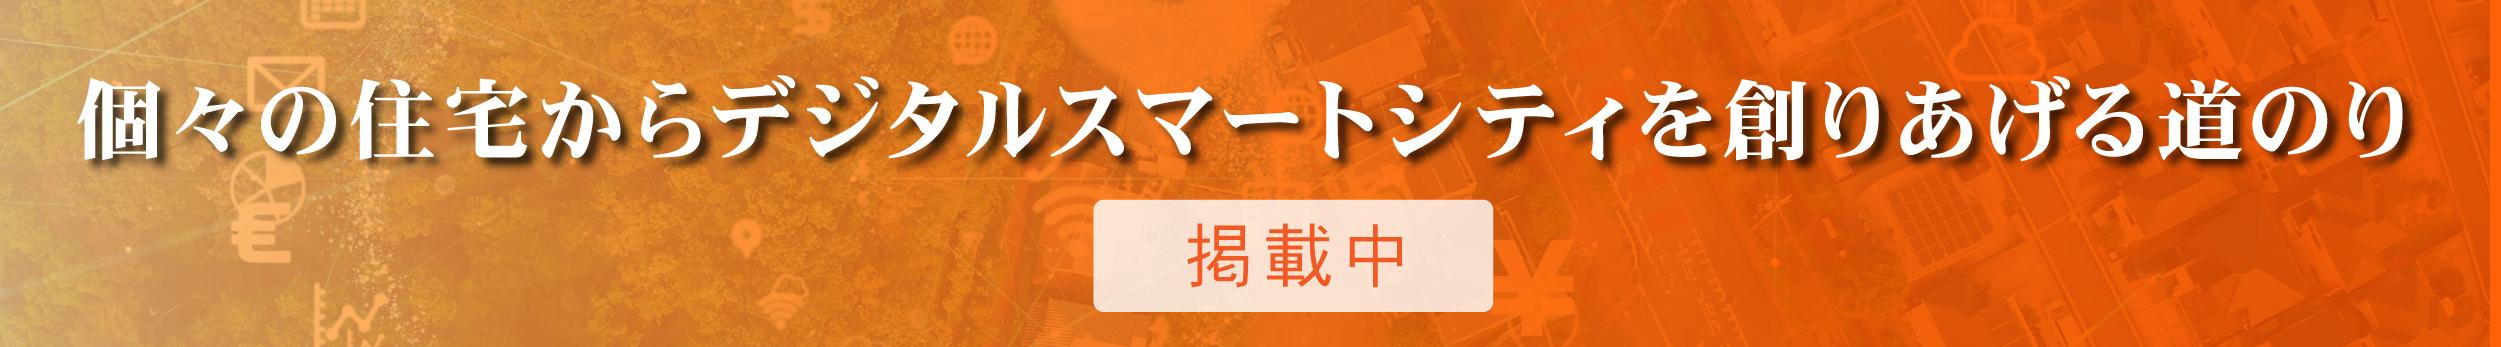 地方創生プロジェクトの歩み -地方から日本を元気に-